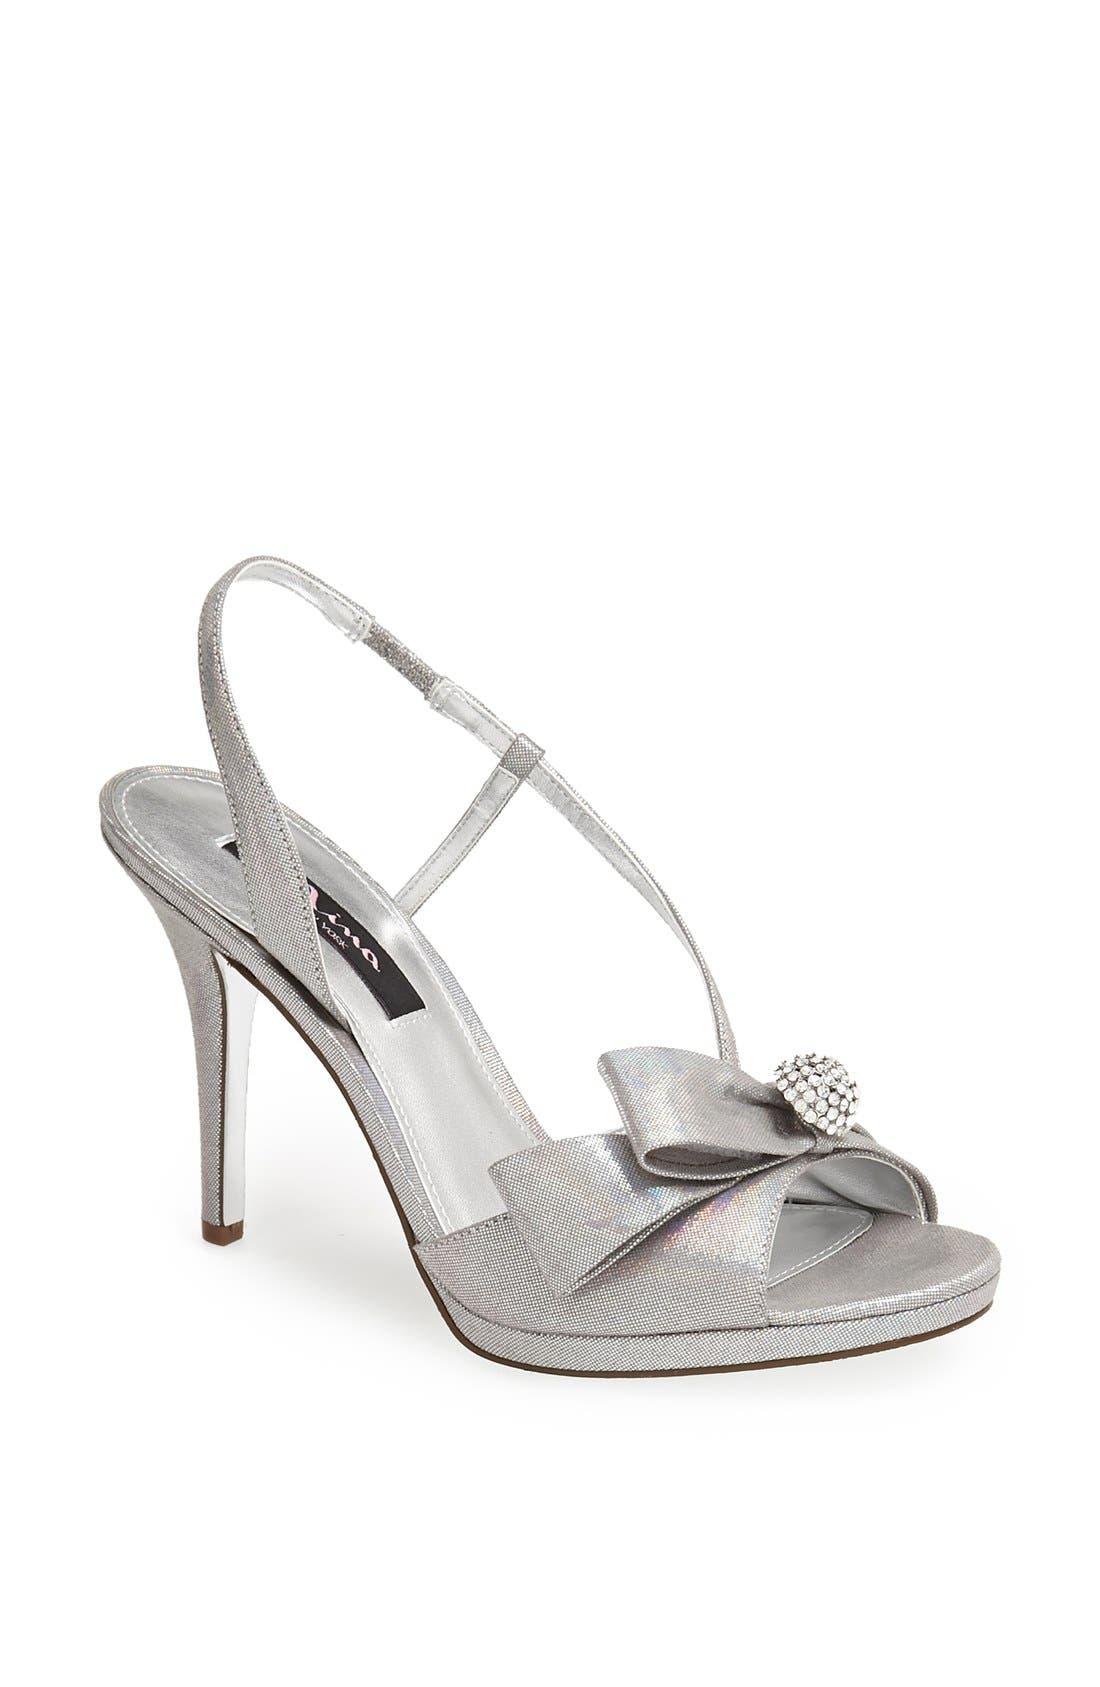 Alternate Image 1 Selected - Nina 'Roslyn' Sandal